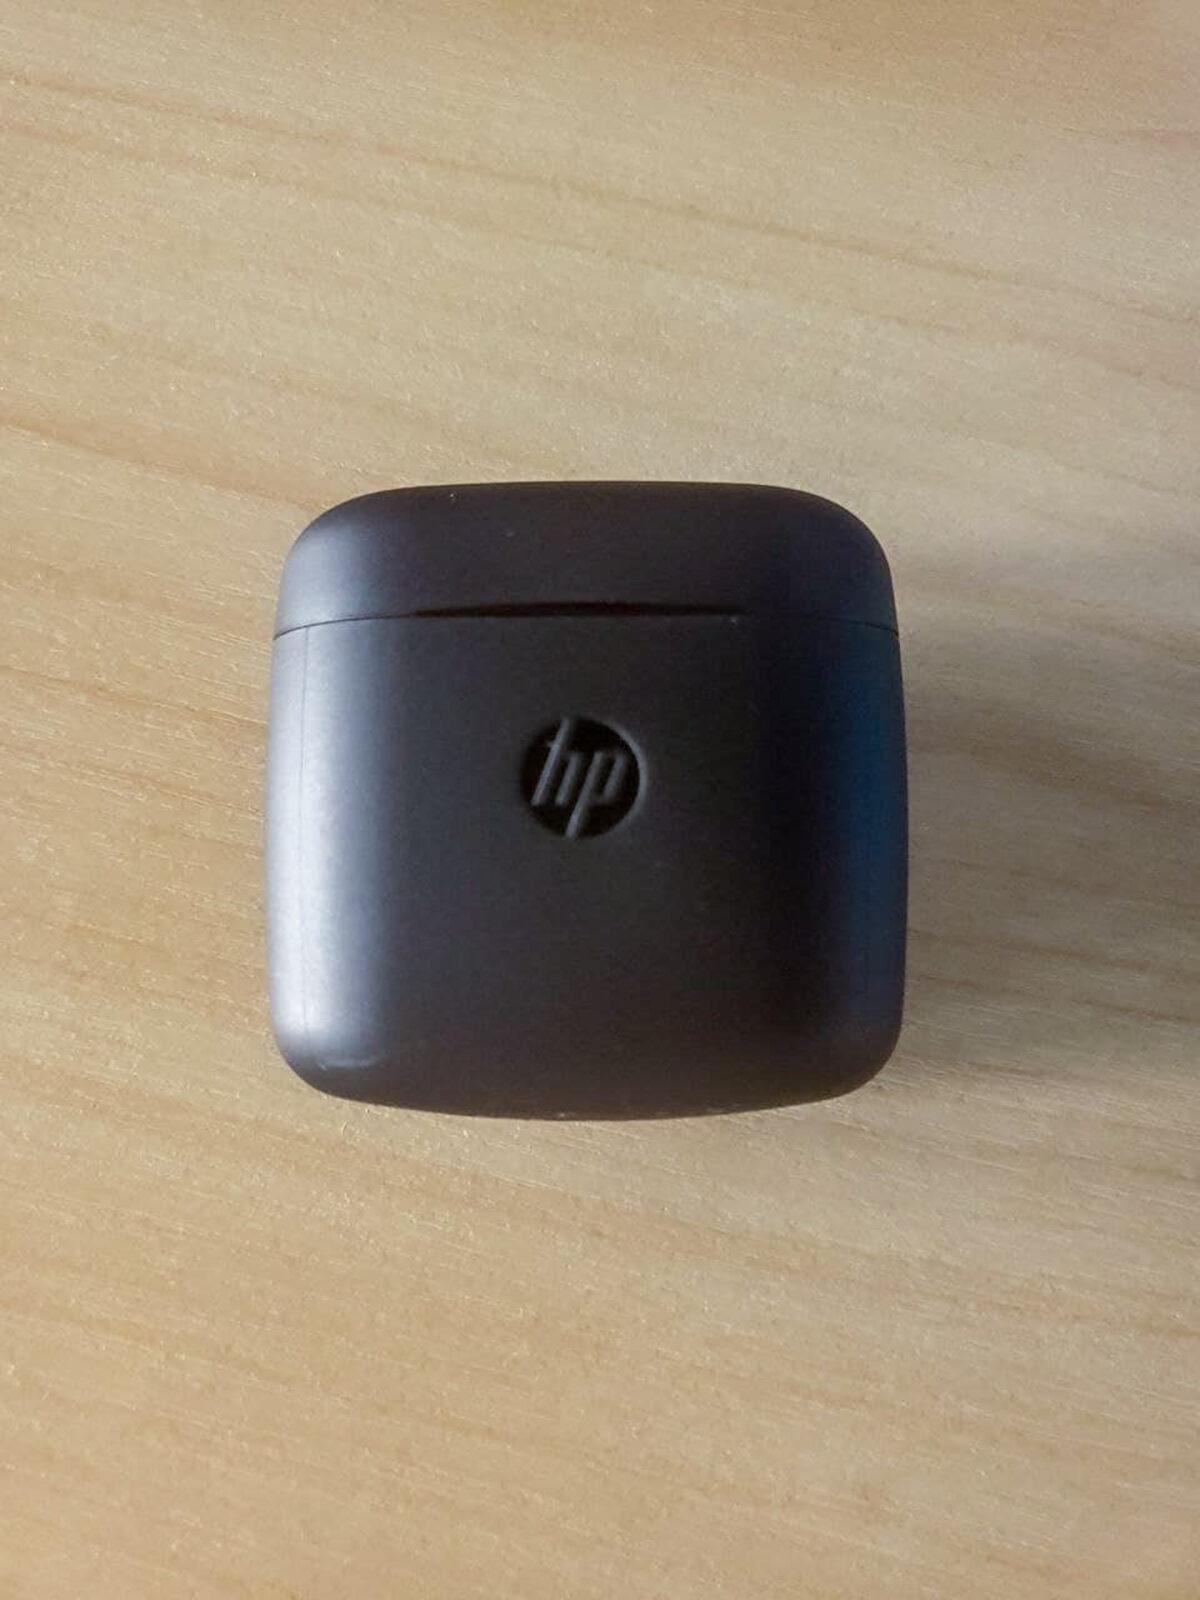 Обзор ноутбука HP EliteBook x360 1040 G7: трансформер для работы и развлечений (hp elitebook 1040 g7 57)